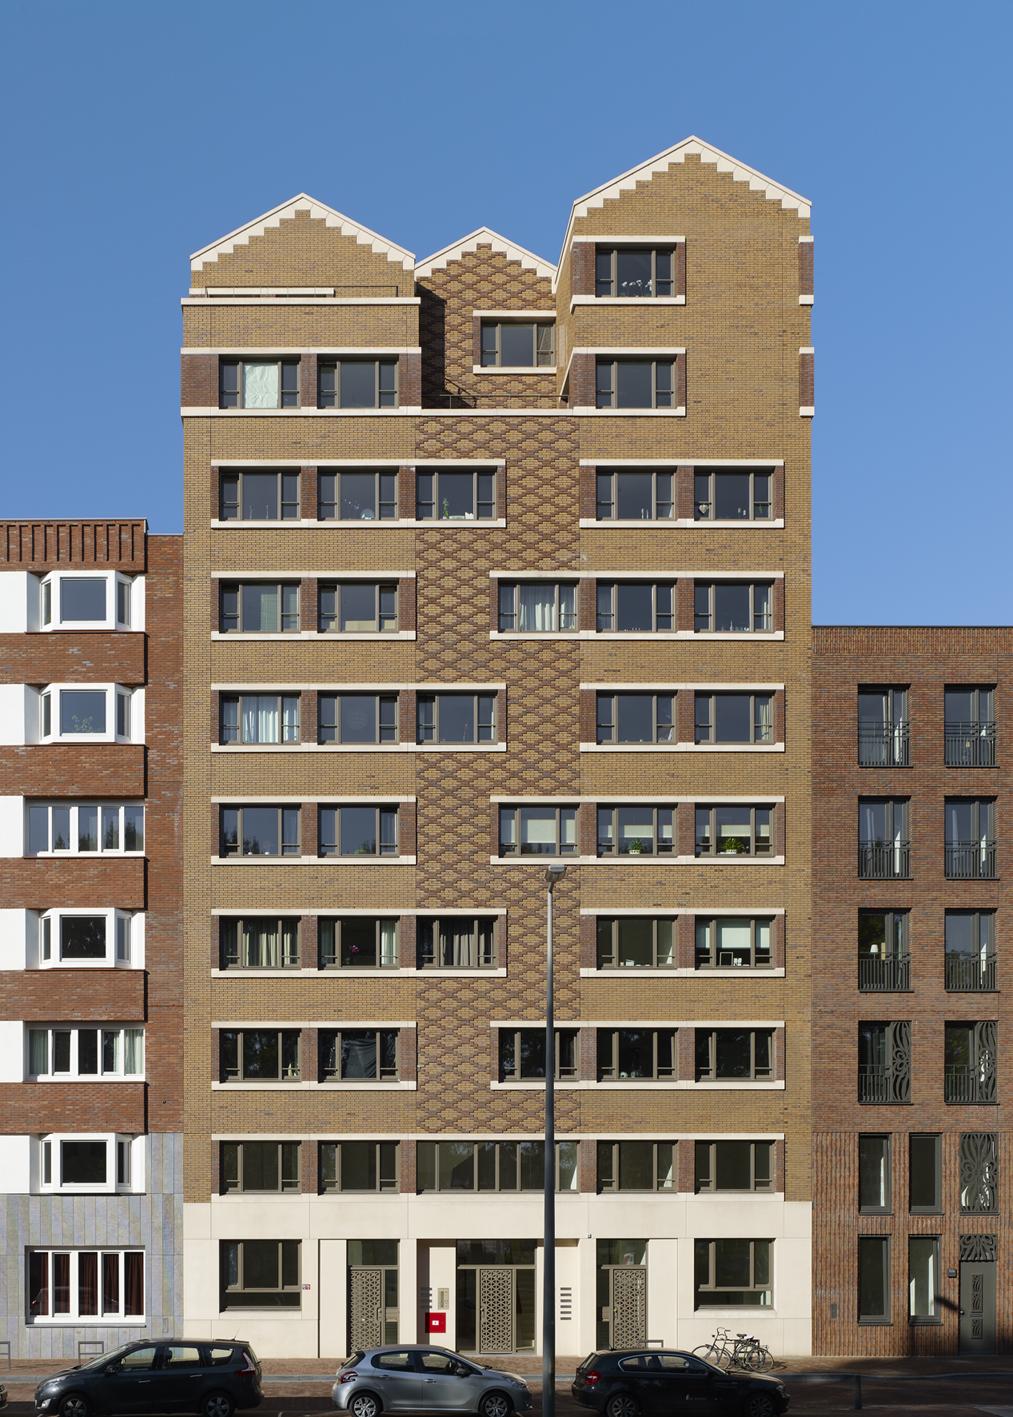 Nieuw crooswijk rotterdam de architect for Rotterdam crooswijk